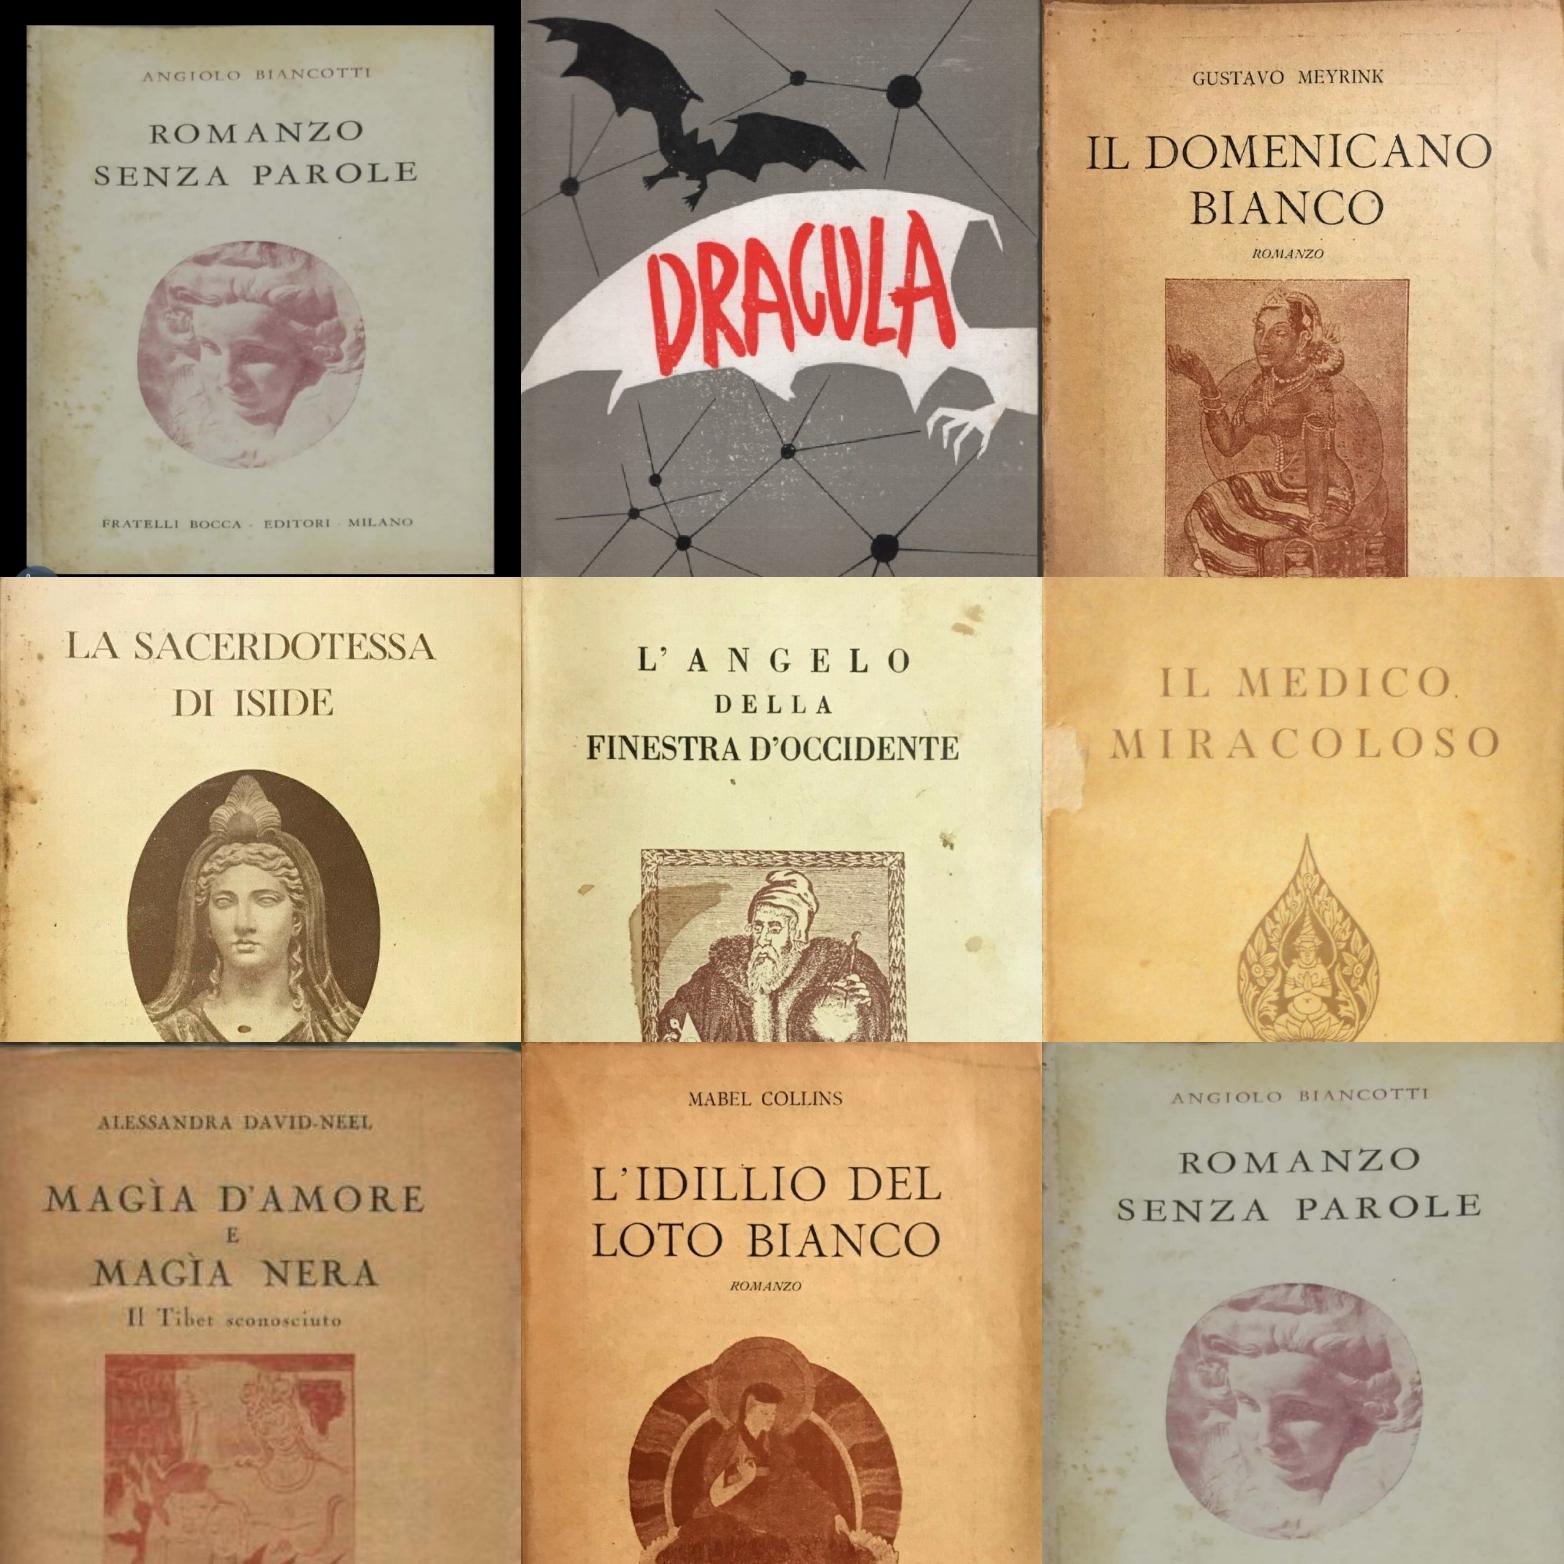 """Una strana storia: la collana """"romanzi occulti"""" di Dracula nata in guerra"""